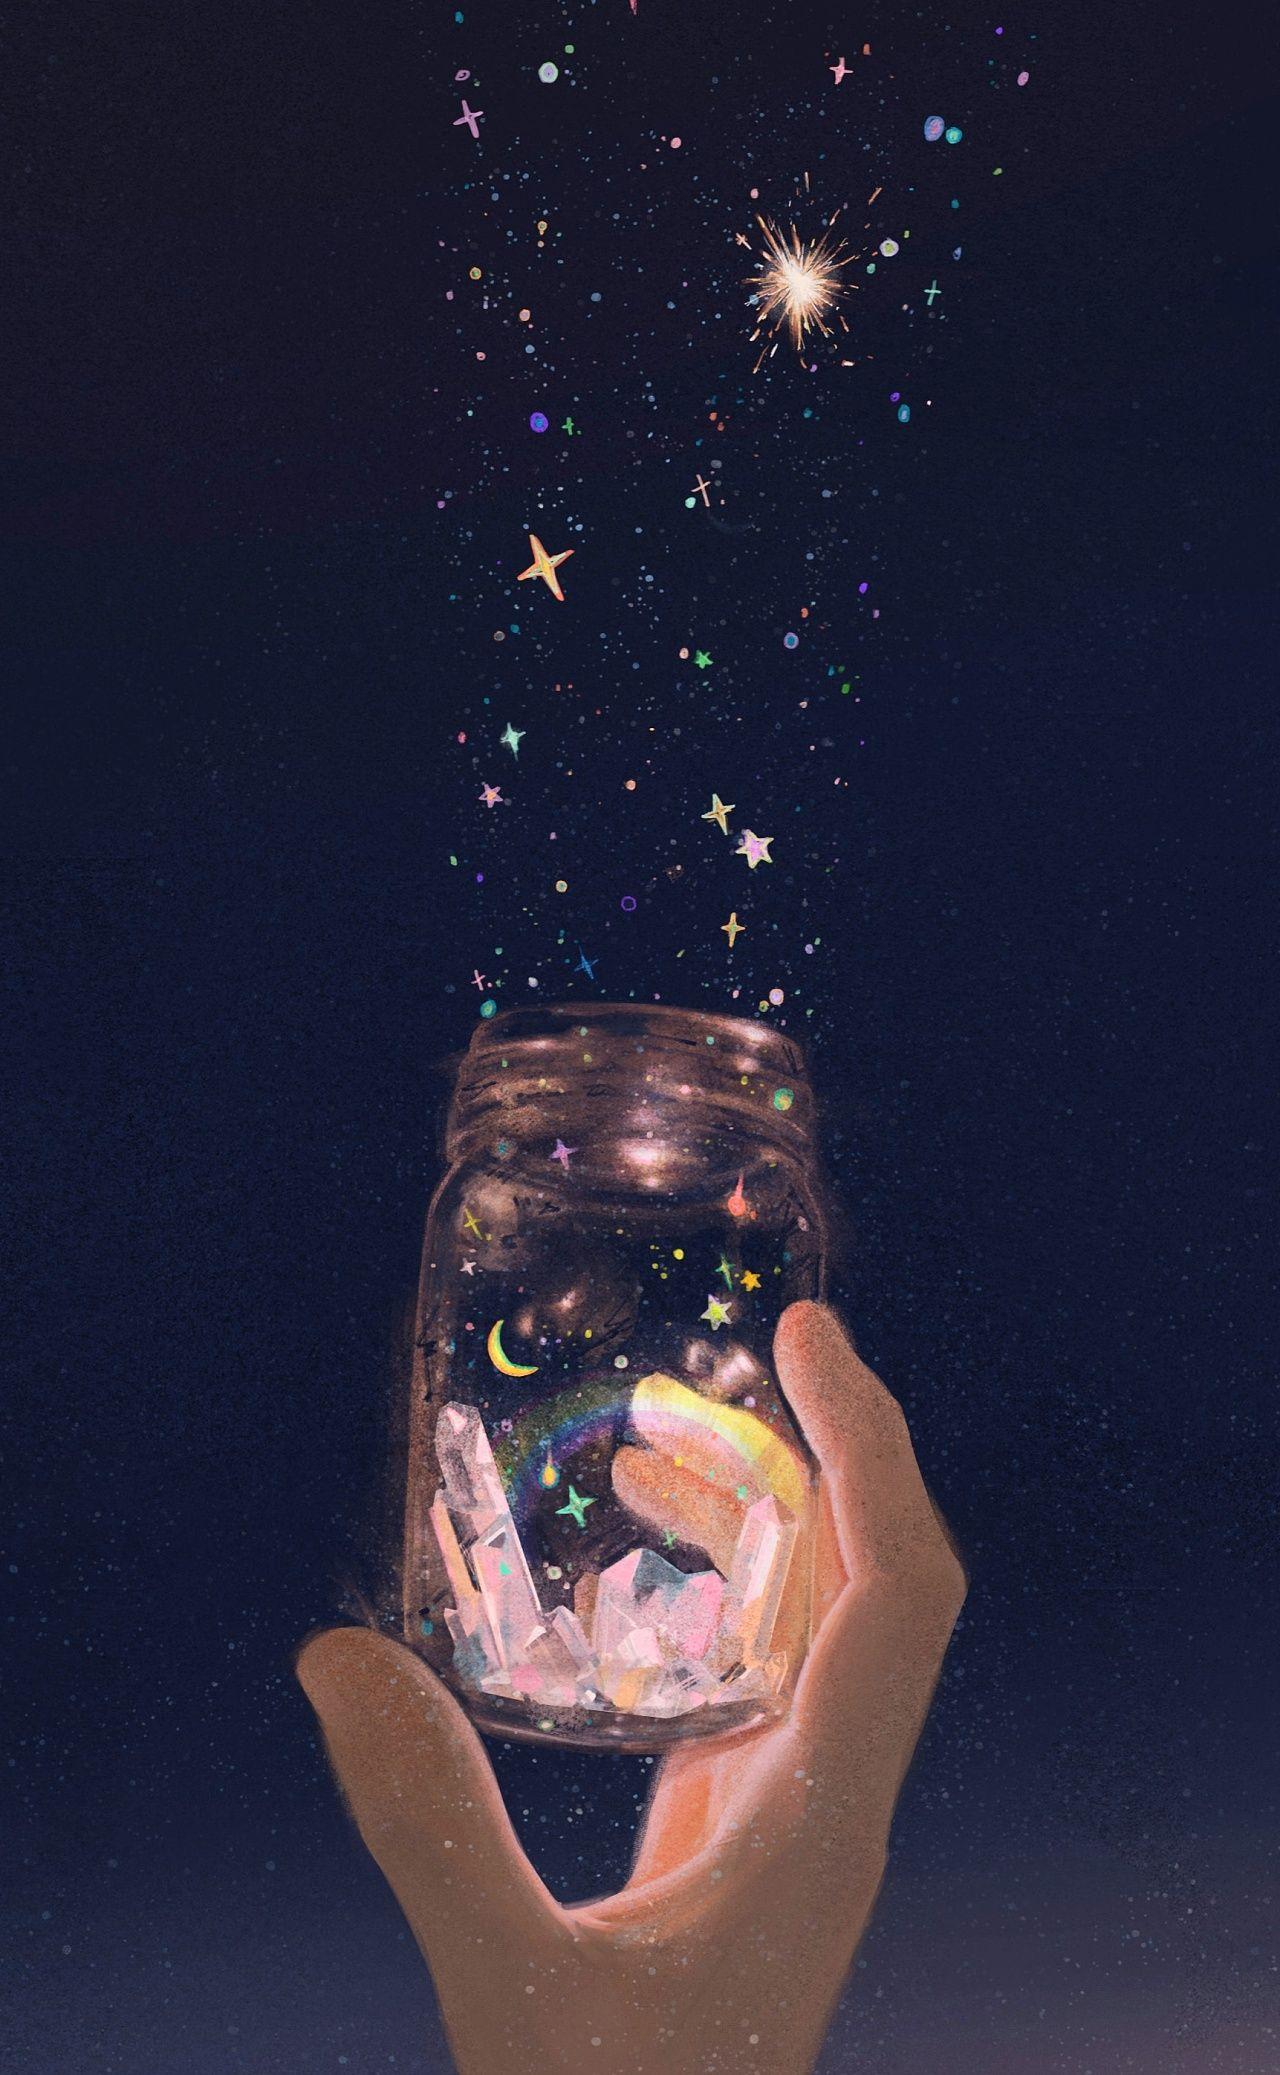 星星永远不会被黑暗吞噬 - 原创作品